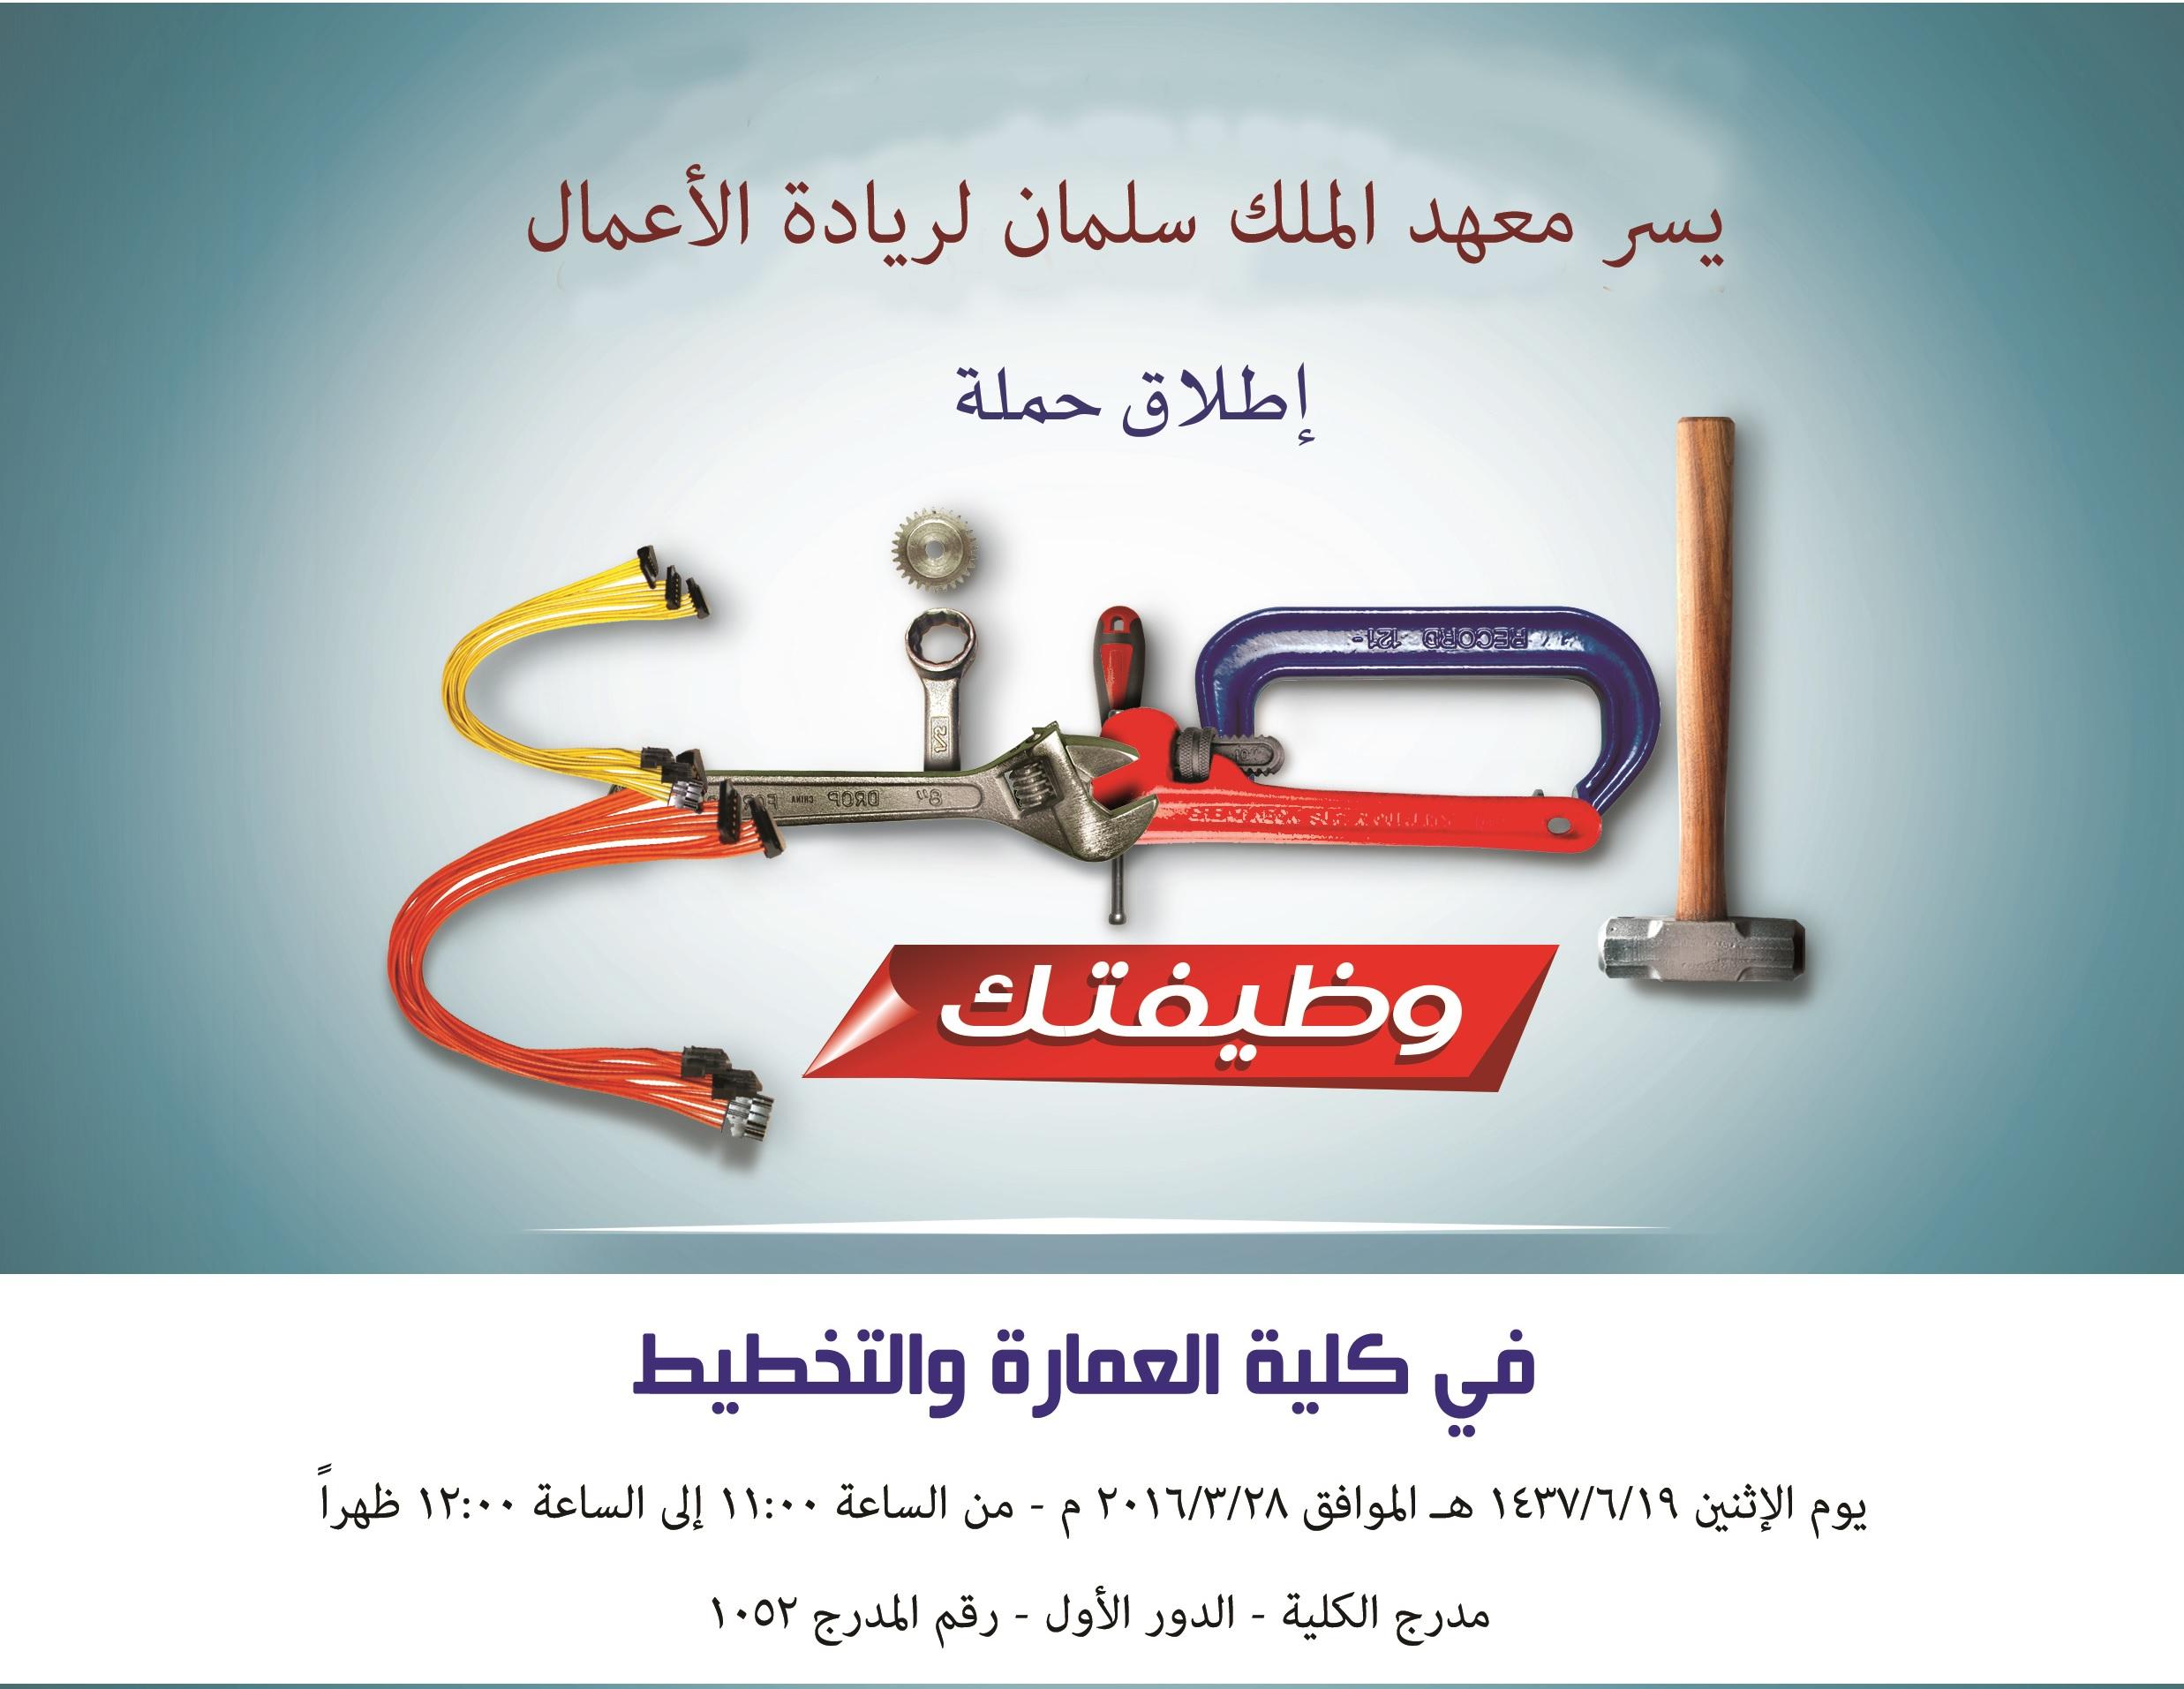 حملة إصنع وظيفتك في كلية العمارة والتخطيط :: تقديم د. إسماعيل باطا :: مستشار ريادة الأعمال